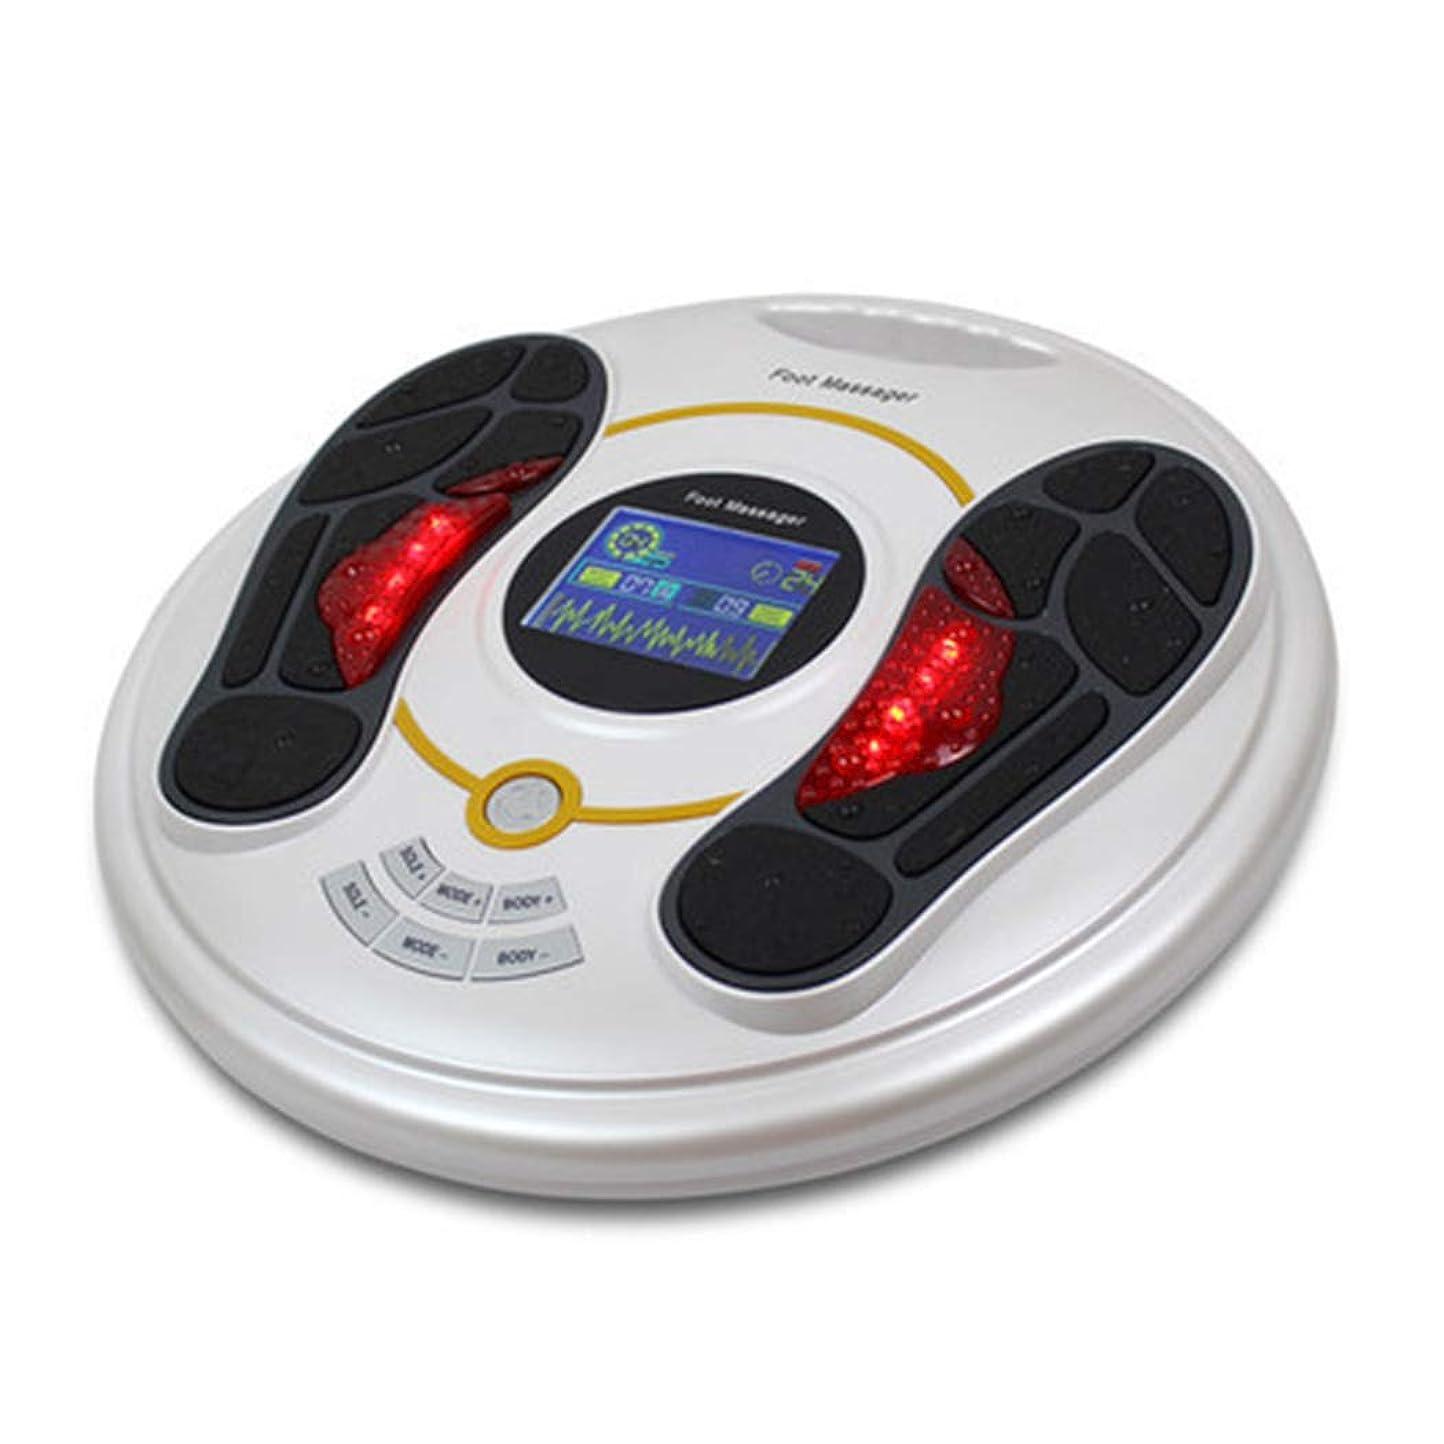 急速なリードそれる調整可能 足のマッサージャー指圧機電気の足マッサージャースパ熱、深い混練機能リリーフ足のストレスホームオフィス用 リラックス, white